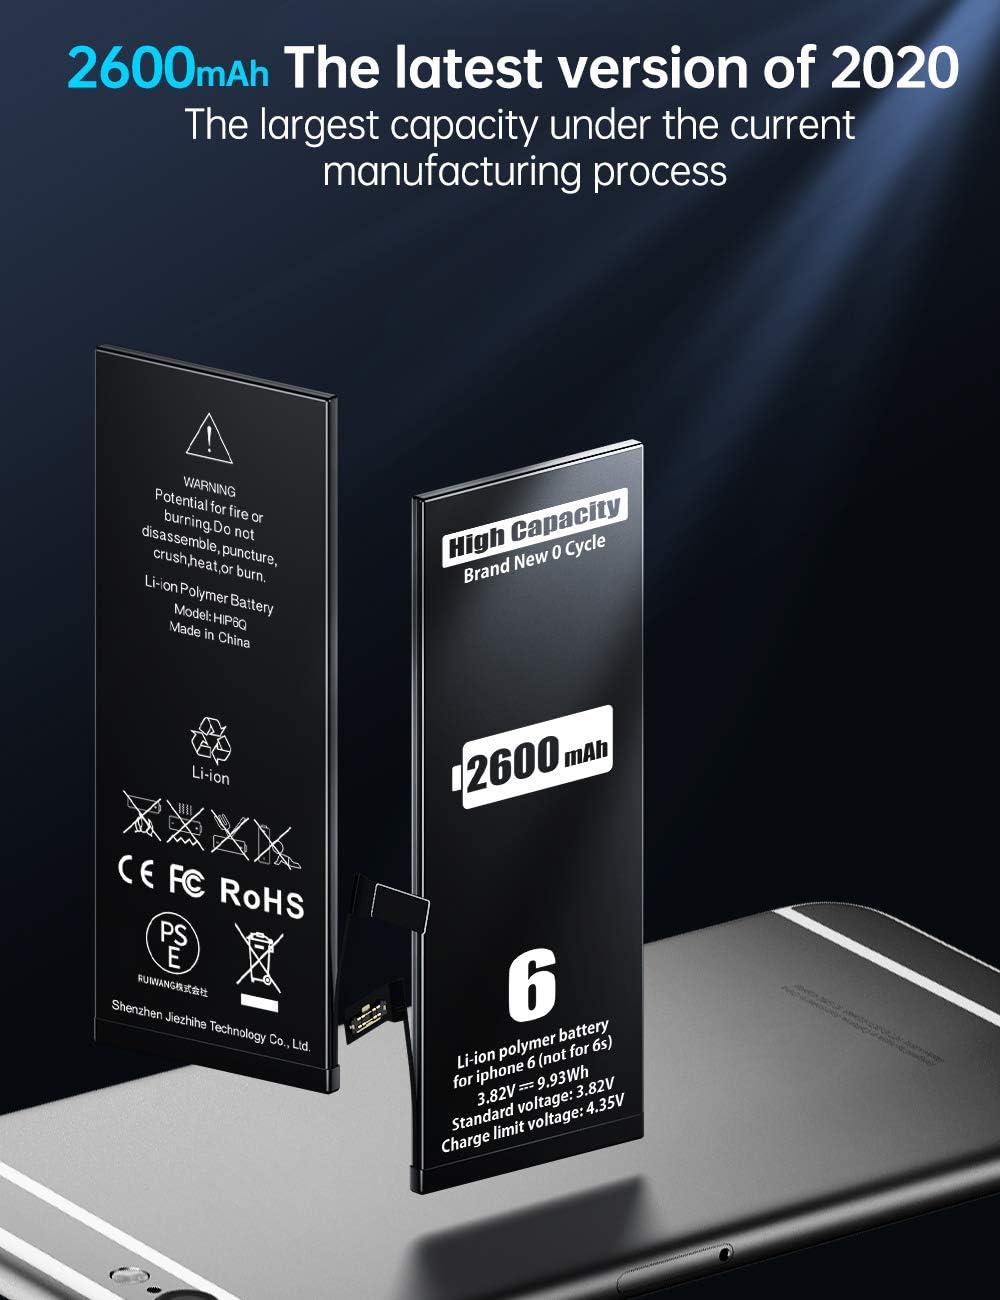 Derni/ère Version Outils de r/éparation Professionnels complets 2600mAh Batterie pour iPhone 6 MNT Remplacement de Haute Capacit/é Que Les Autres Instruction